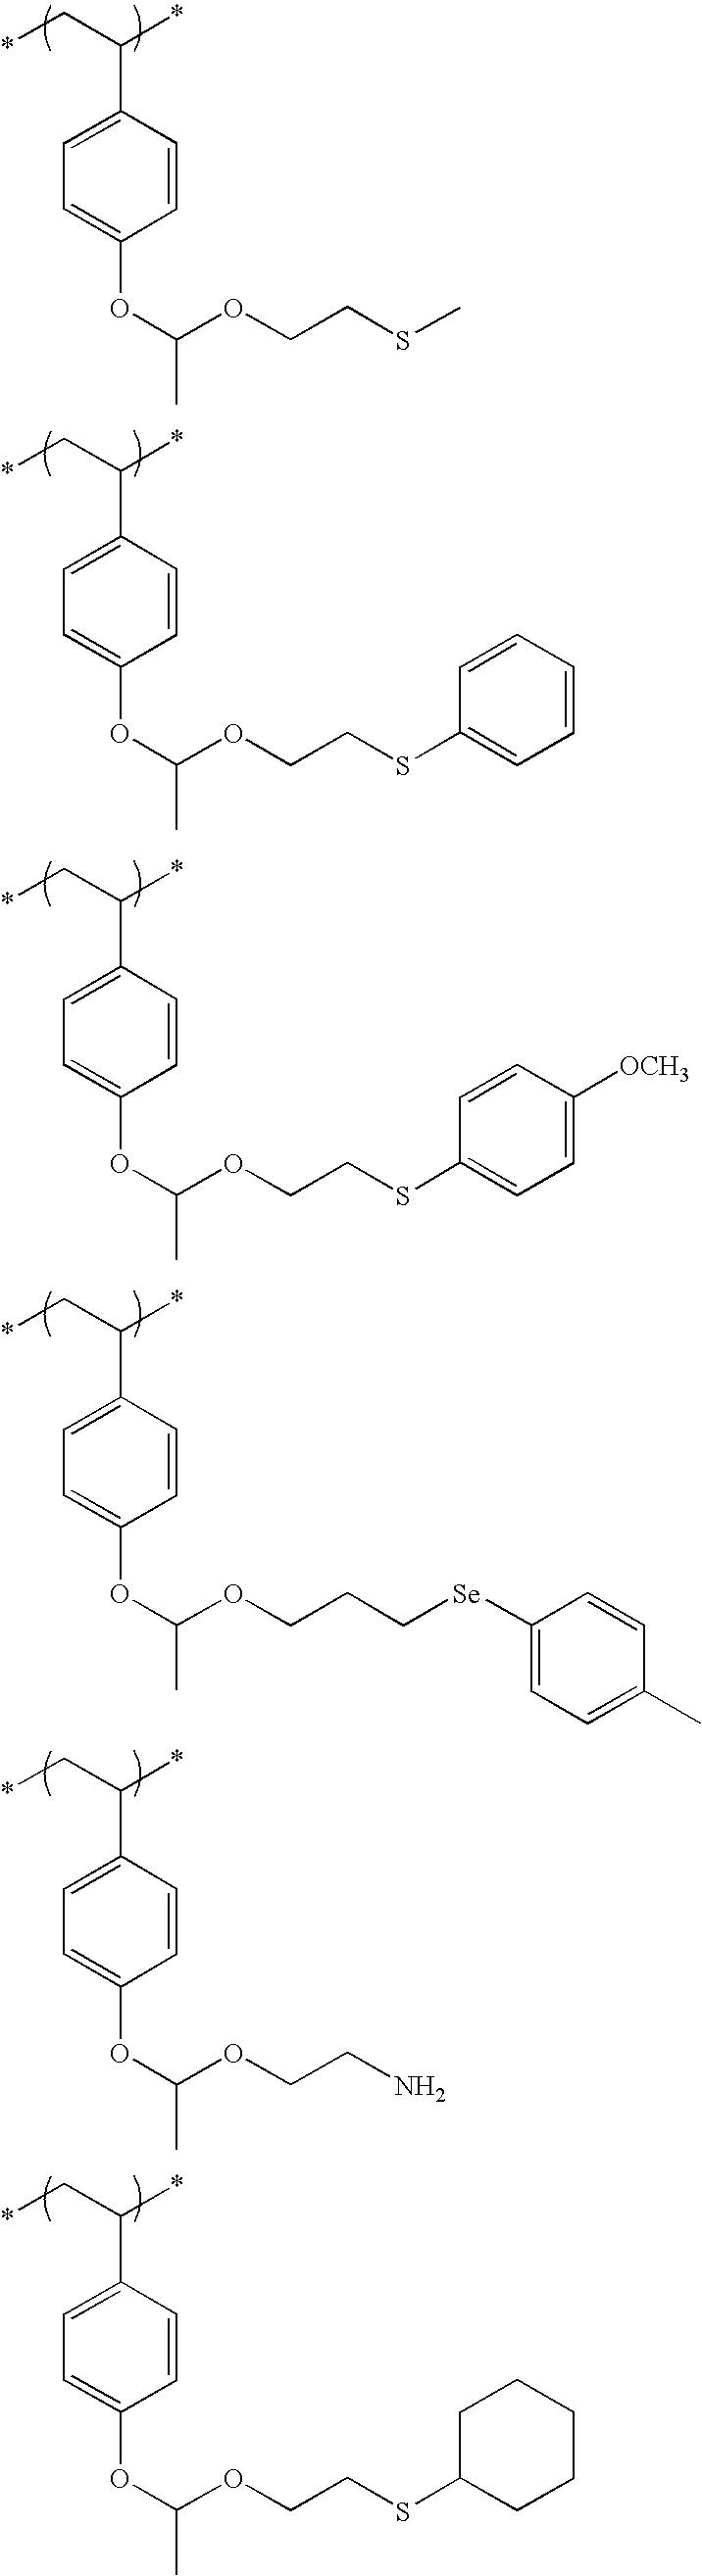 Figure US08852845-20141007-C00094